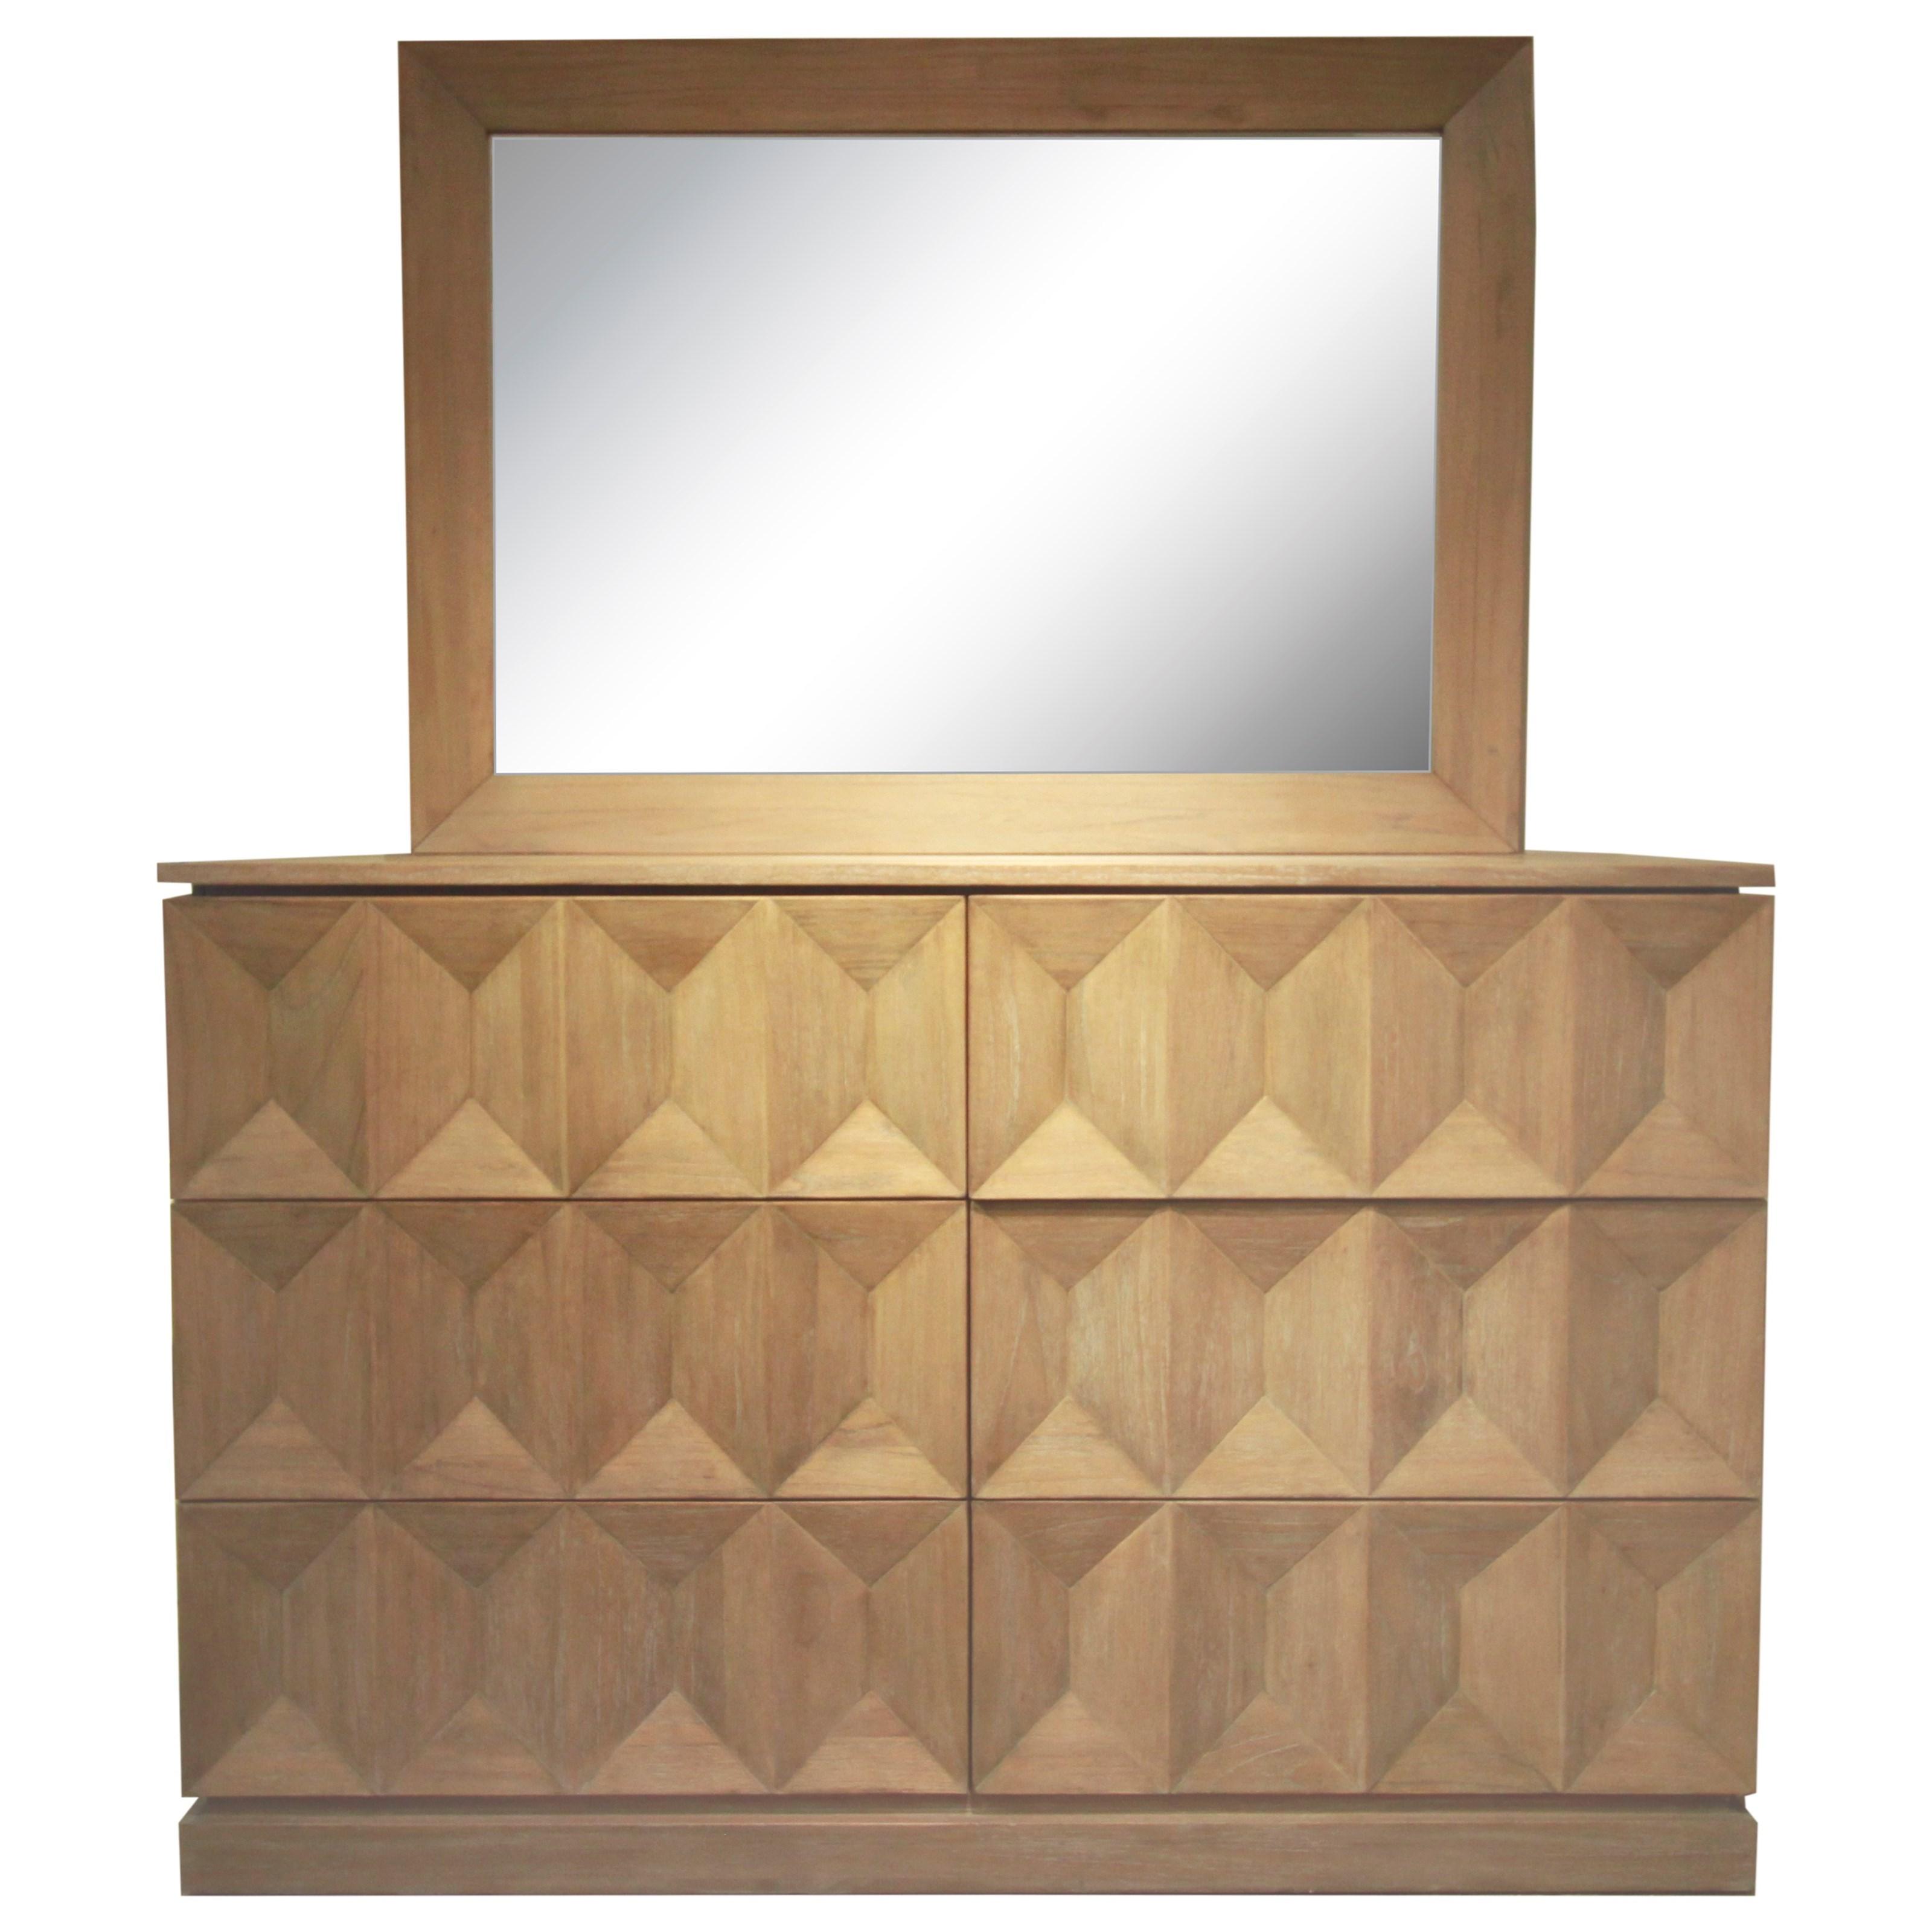 Napa Furniture Designs Eastside 6 Drawer Dresser With